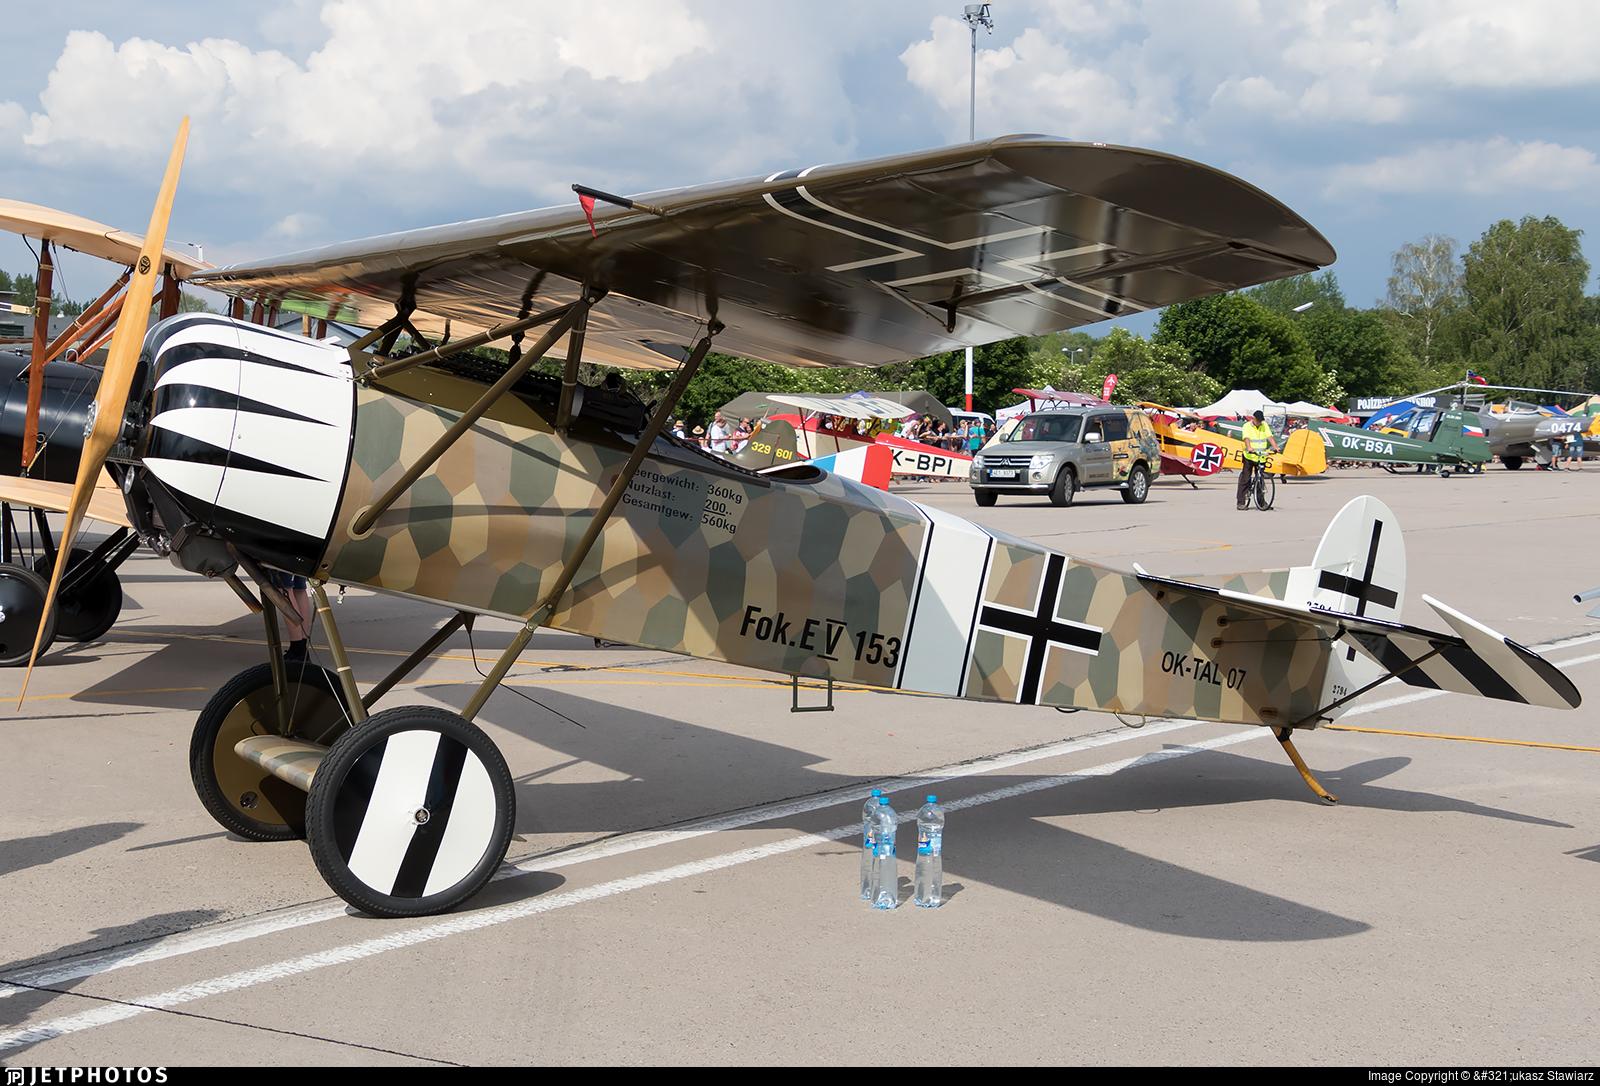 OK-TAL07 - Fokker D.VIII - Private